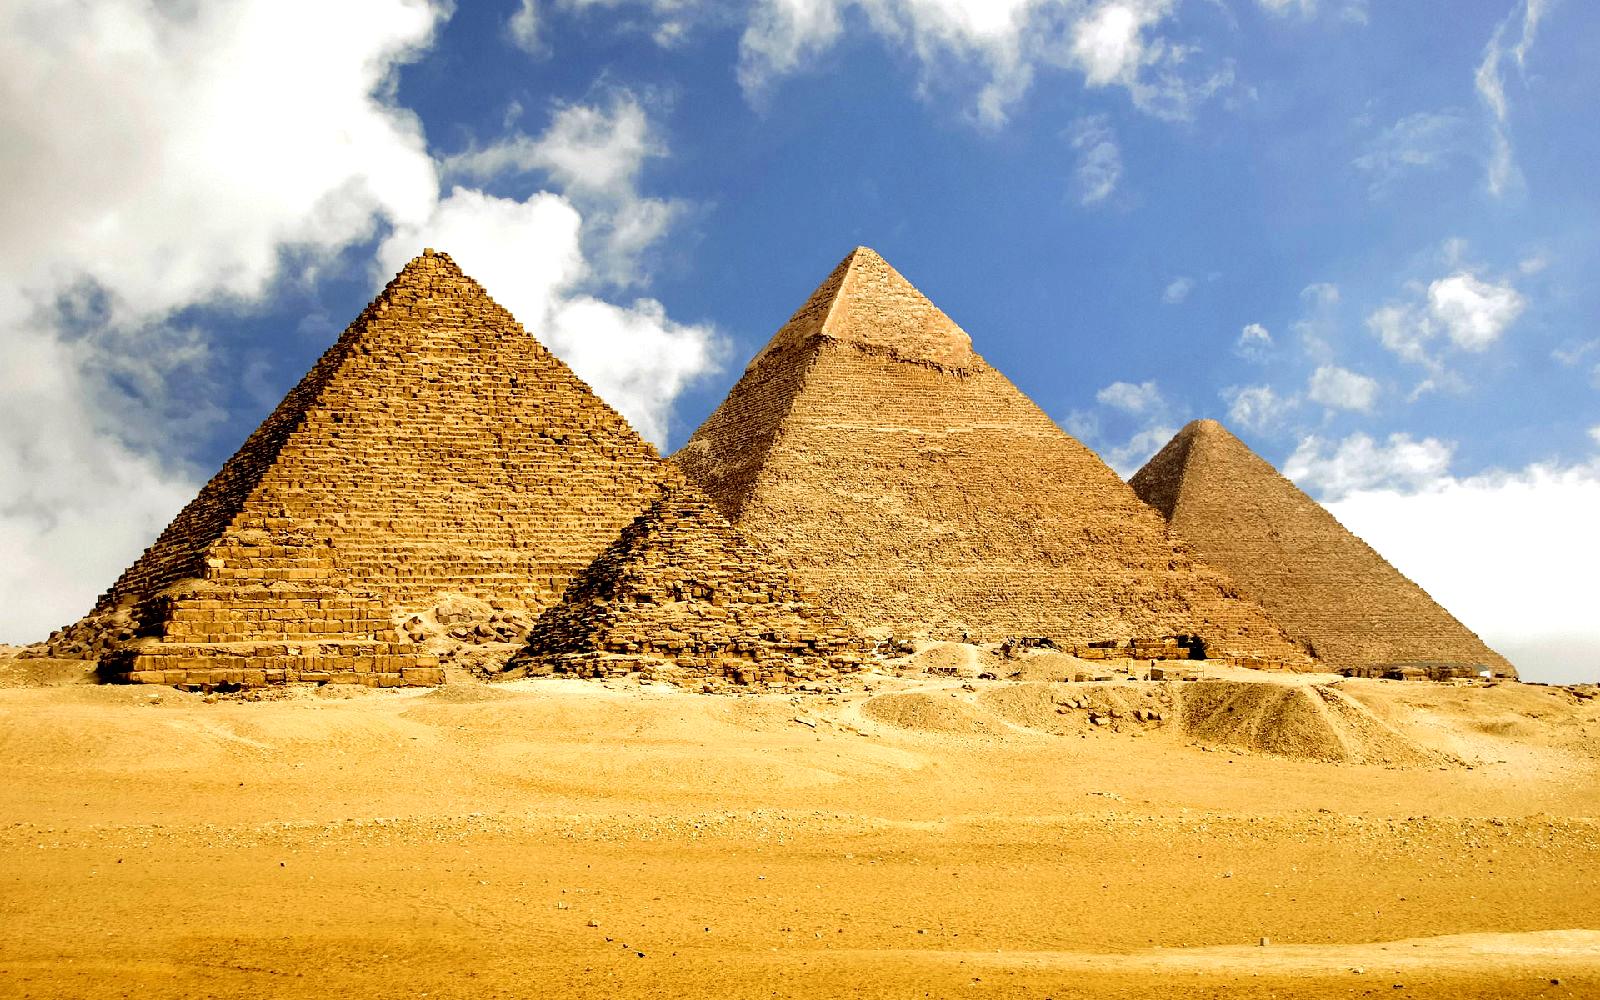 孟卡拉金字塔以及神秘的狮身人面像(参观约2小时) 11:00后前往埃及